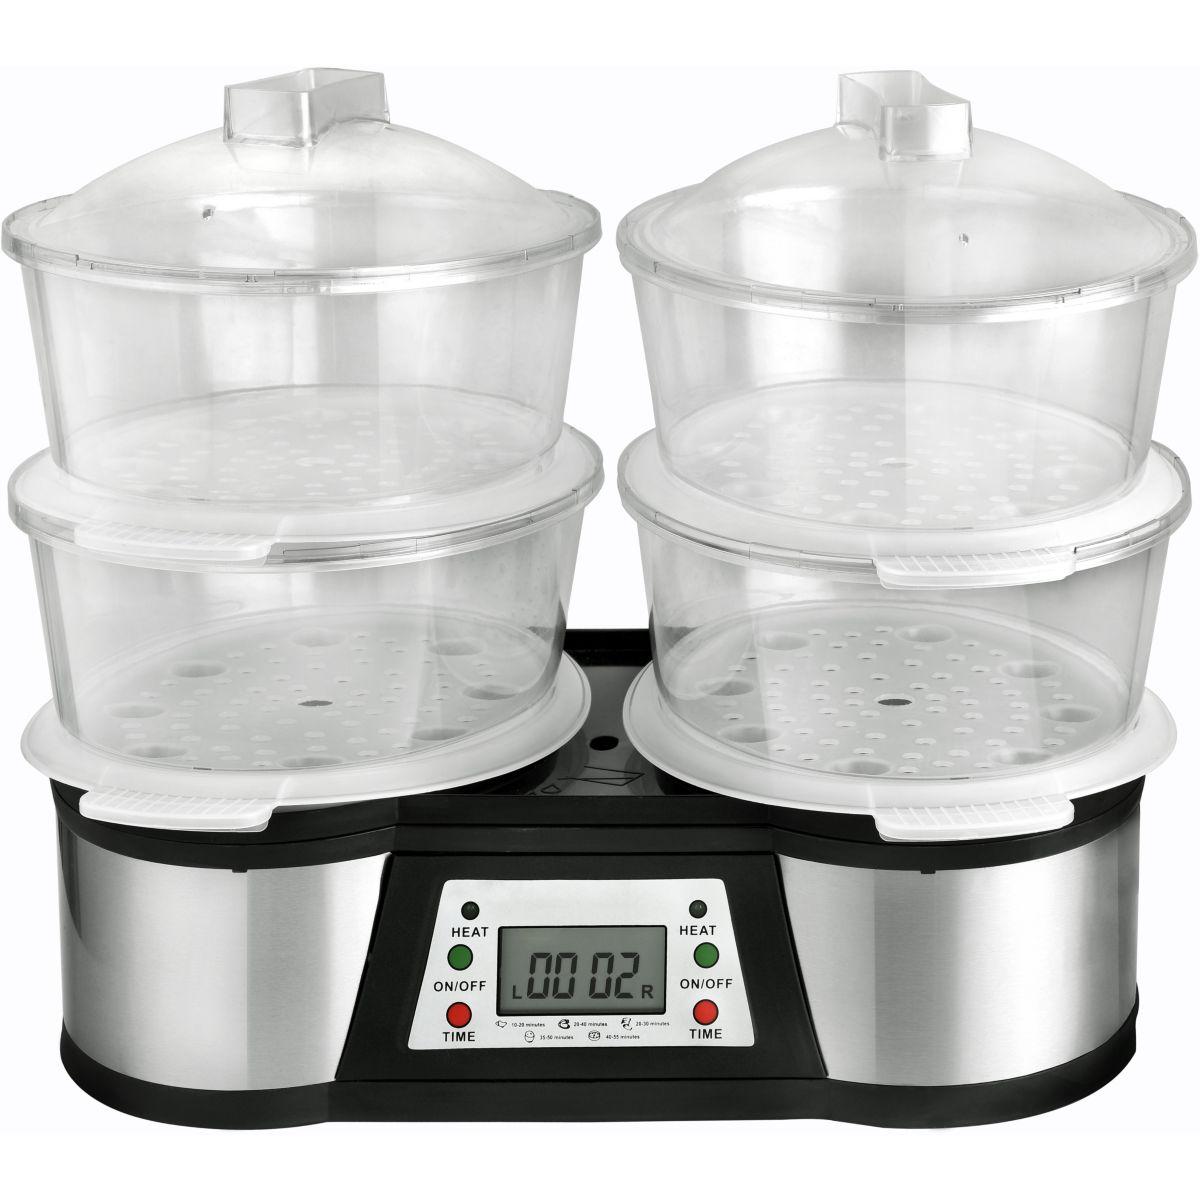 Cuiseur vapeur kalorik tkg dg 1001 (photo)